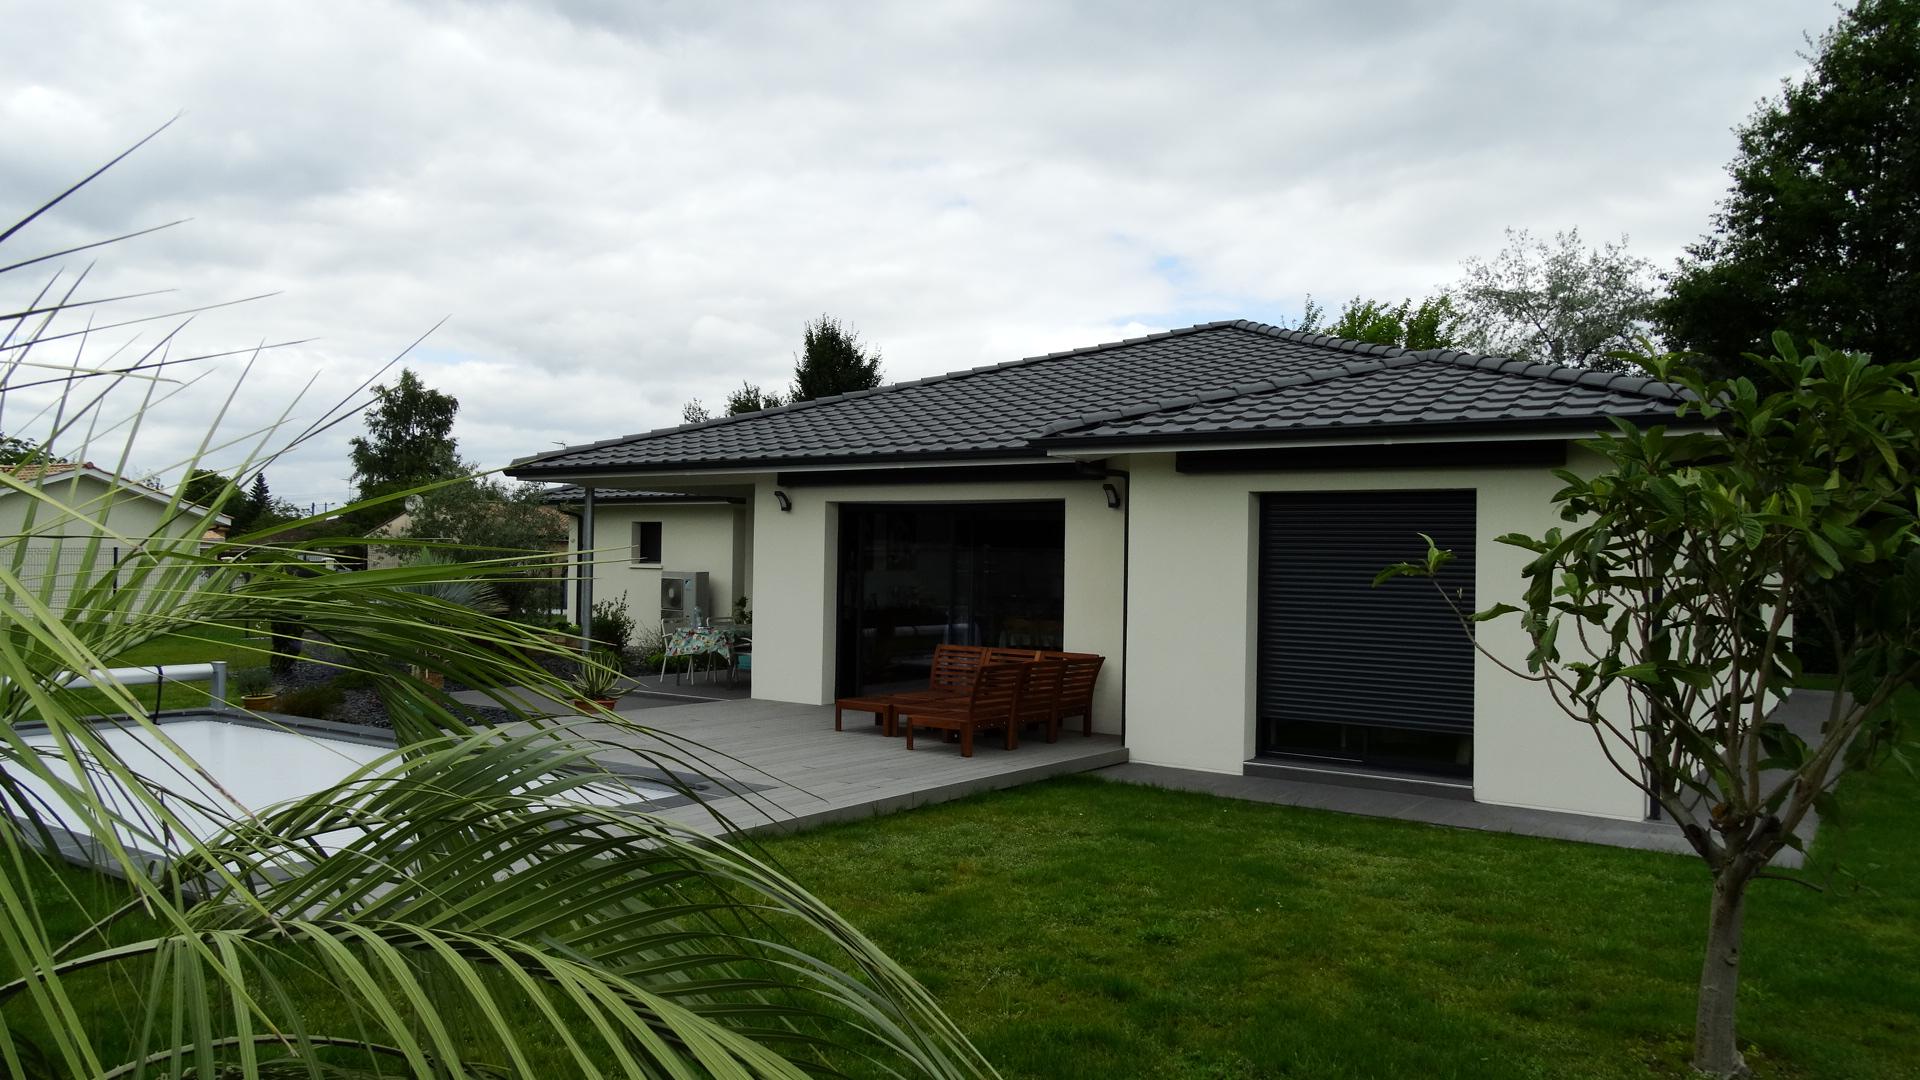 Dsc00994 maison h raud constructeur de maisons for Constructeur maison 33